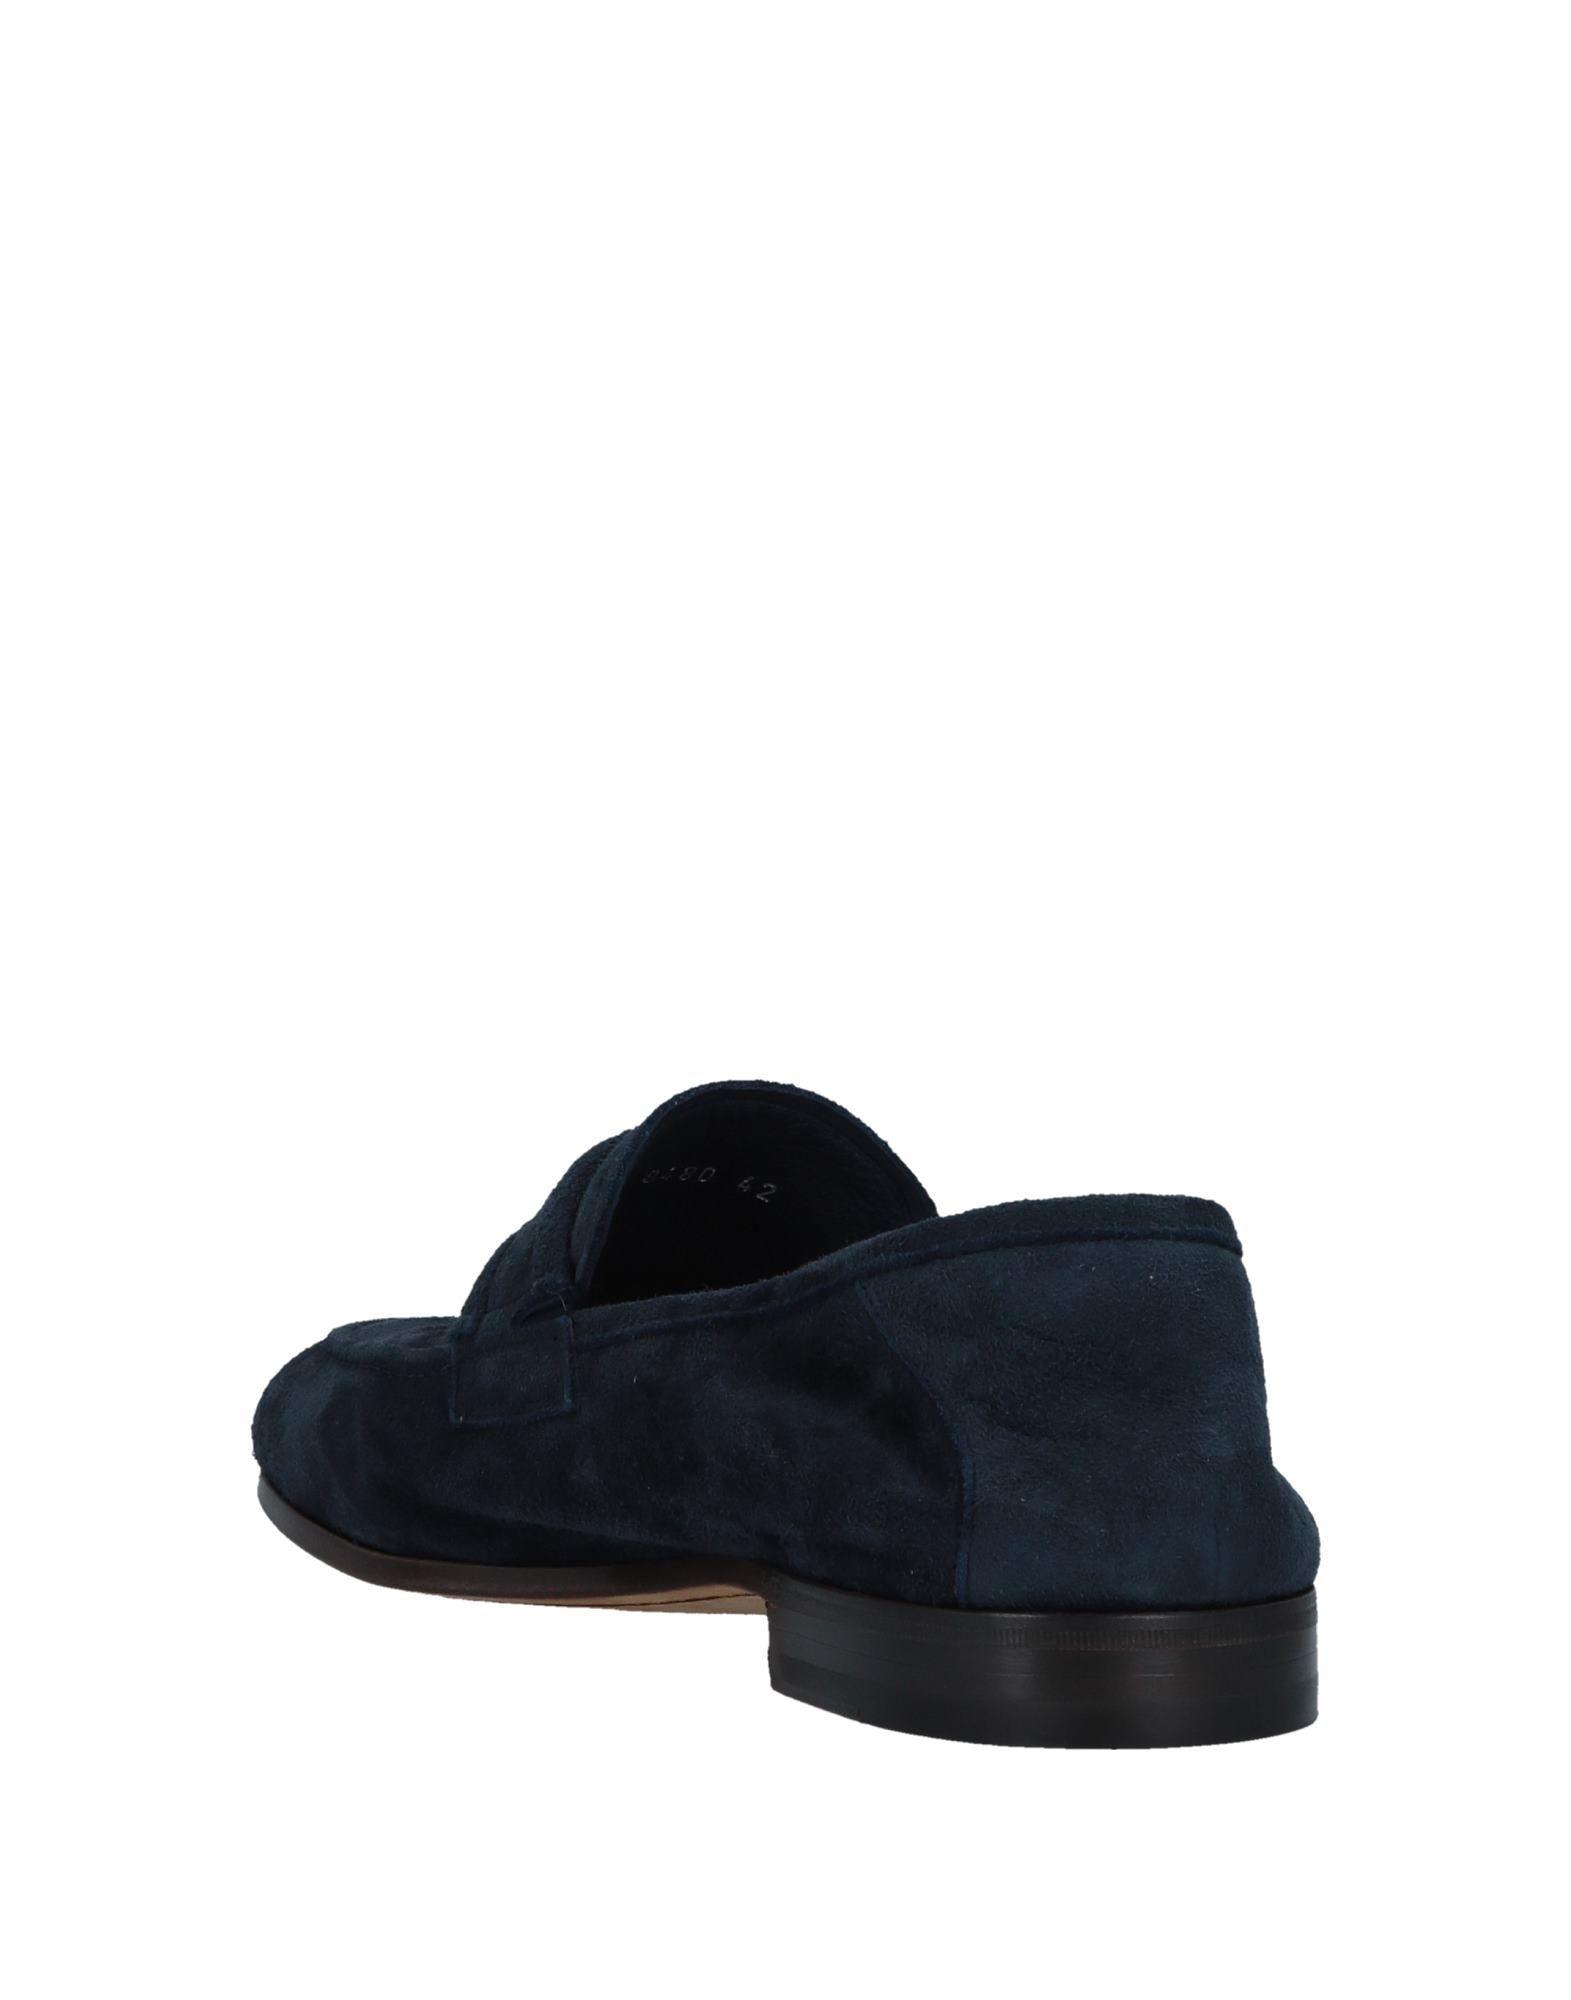 Fabi Mokassins Herren Schuhe  11532299JN Heiße Schuhe Herren f06e7c